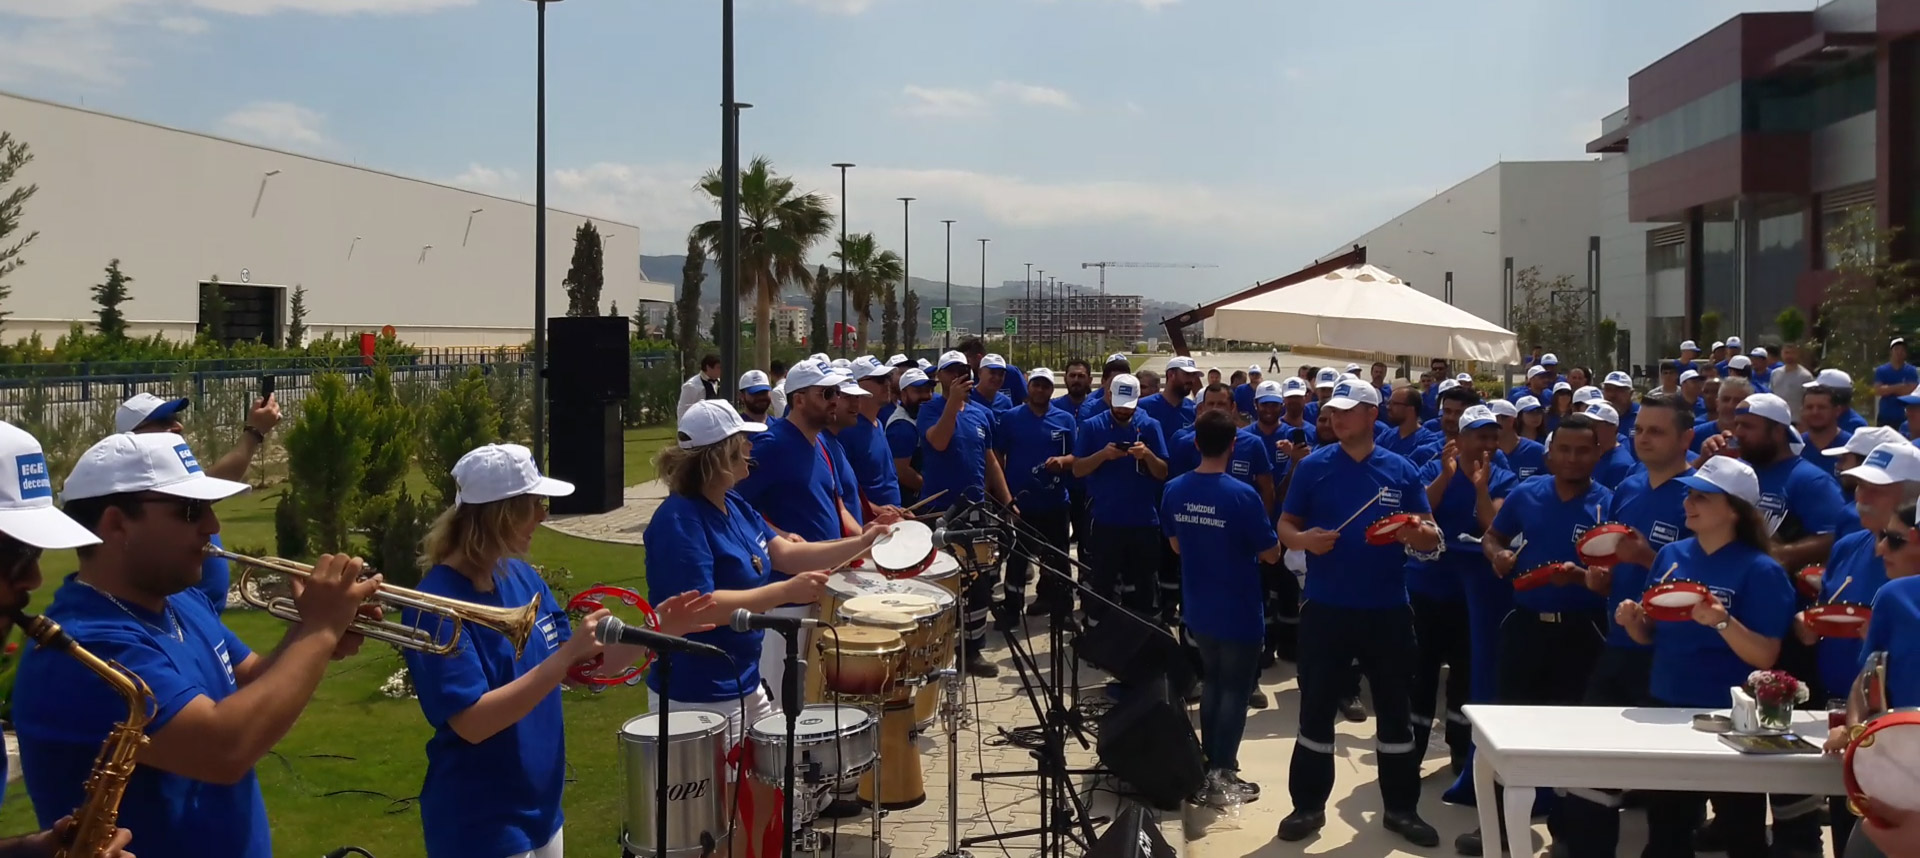 Ritim Atölyesi ve Algo-Ritmo Perküsyon Show – Egepen Fabrikası / İzmir